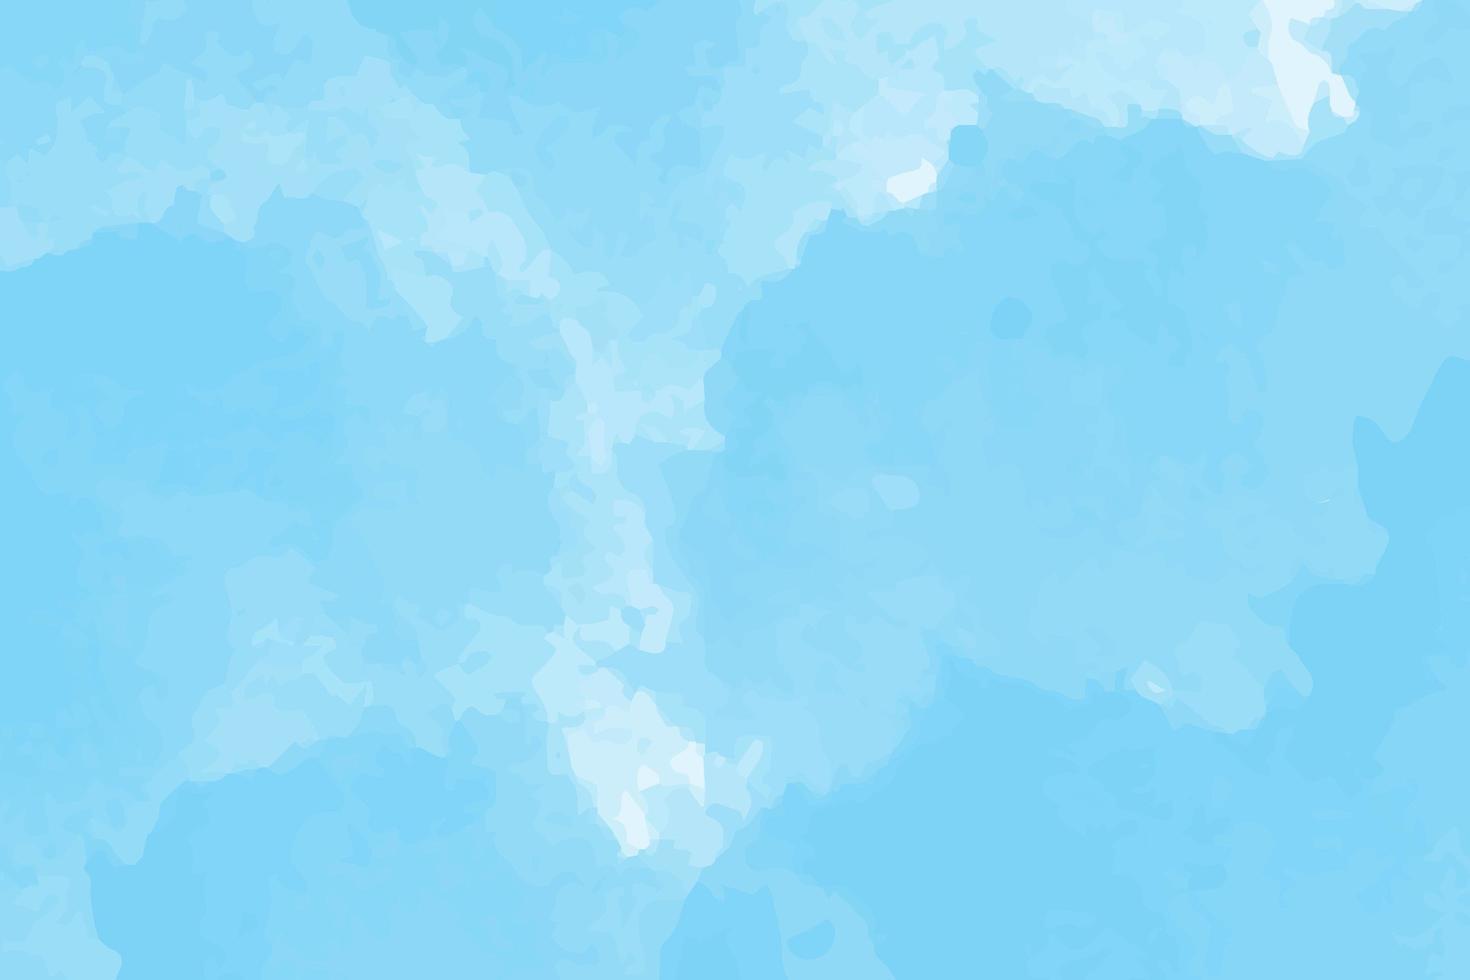 blauer Aquarellhimmelhintergrund vektor